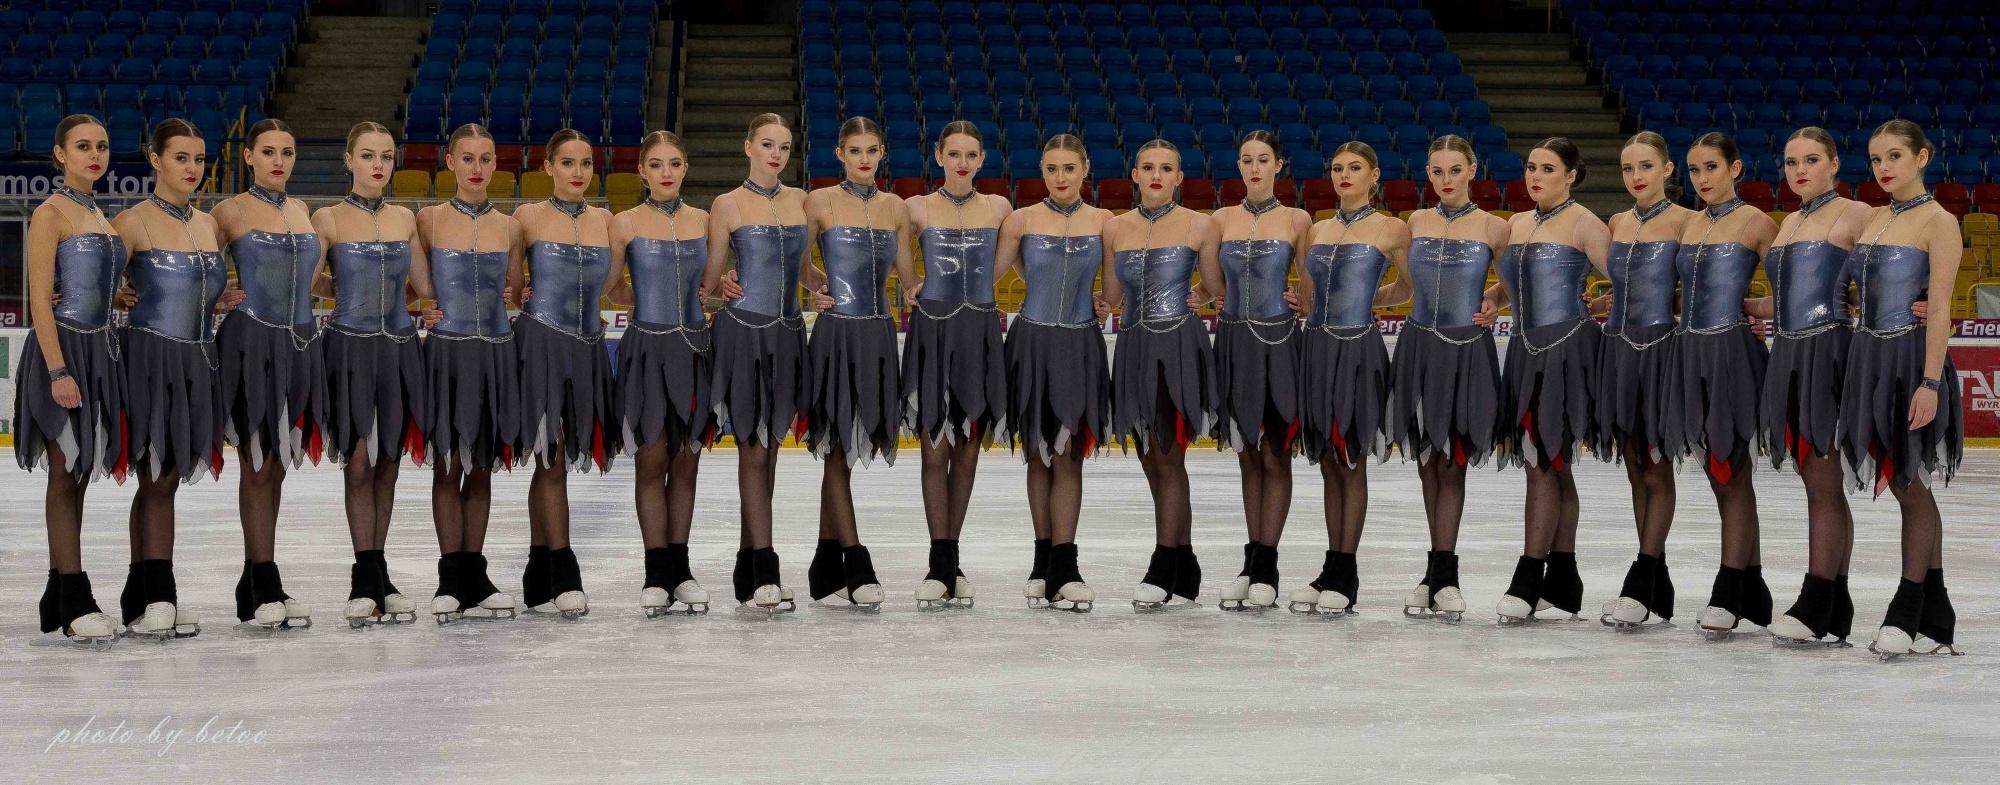 Team Le Soleil Junior